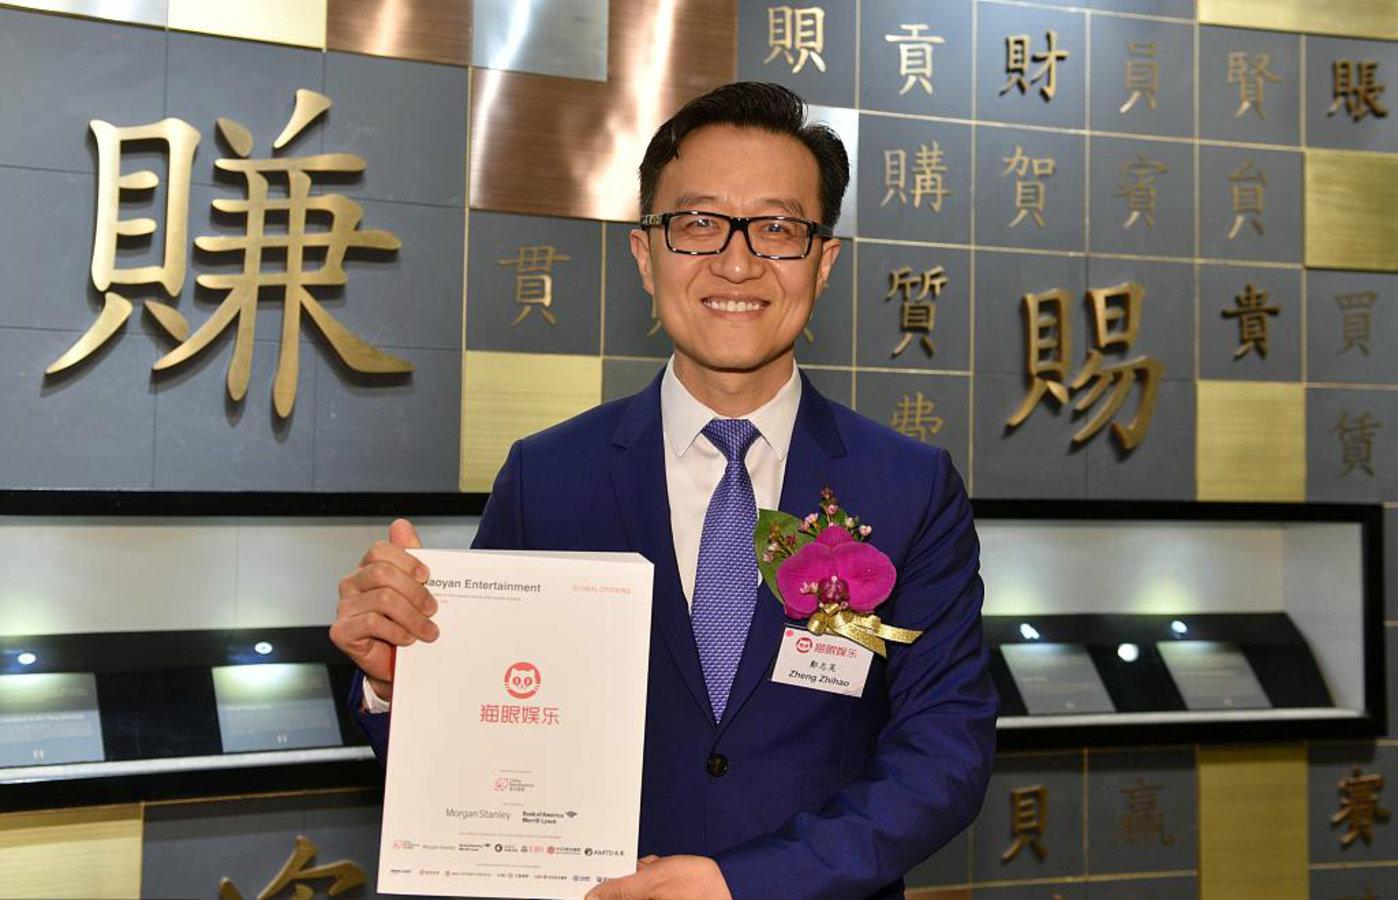 猫眼娱乐CEO郑志昊,图片来源于视觉中国